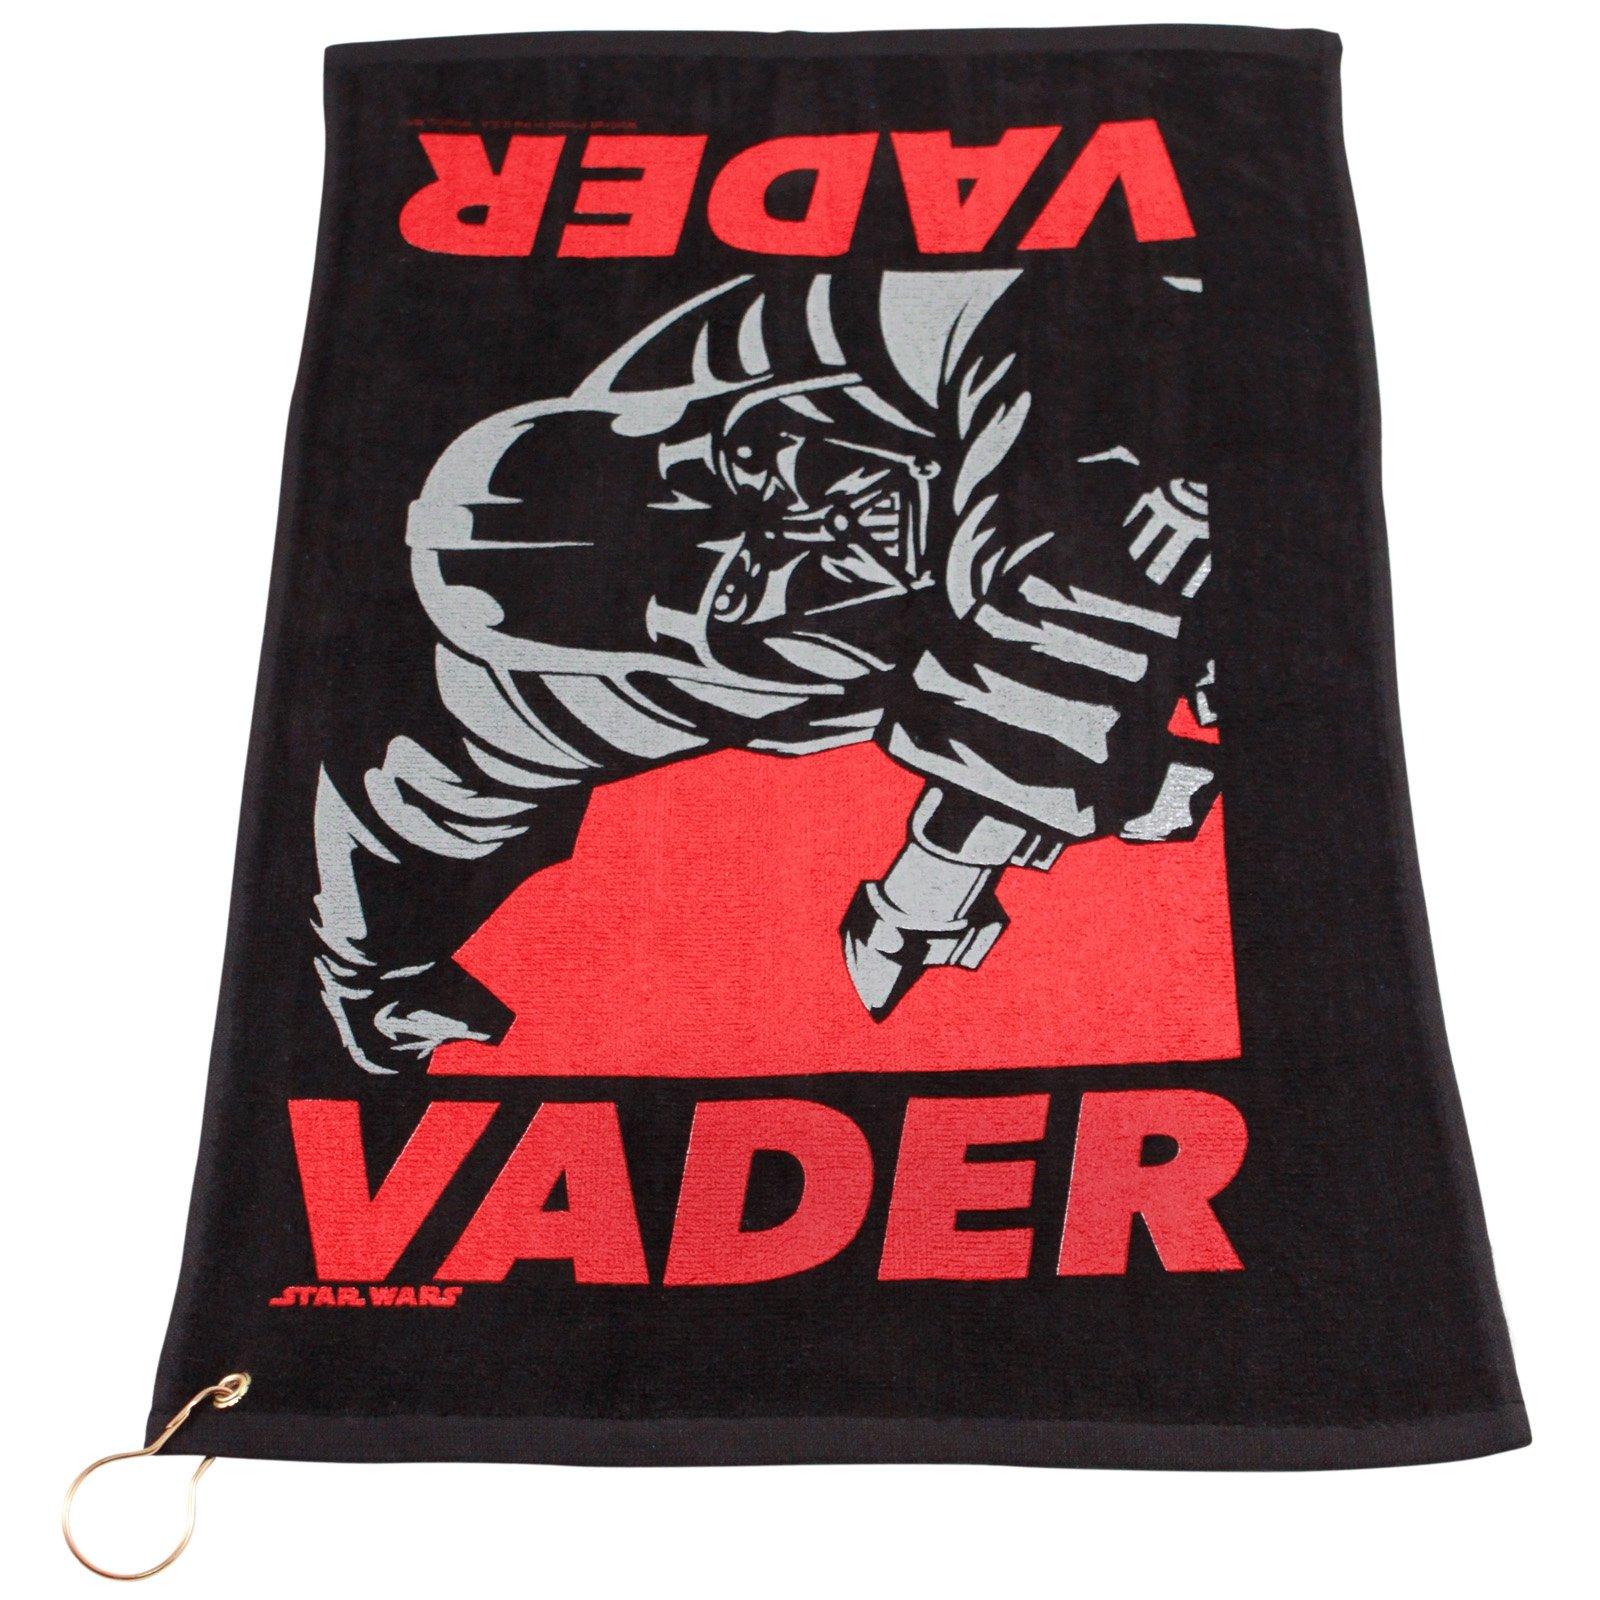 Star Wars Darth Vader Black Golf Towel with Corner Grommet